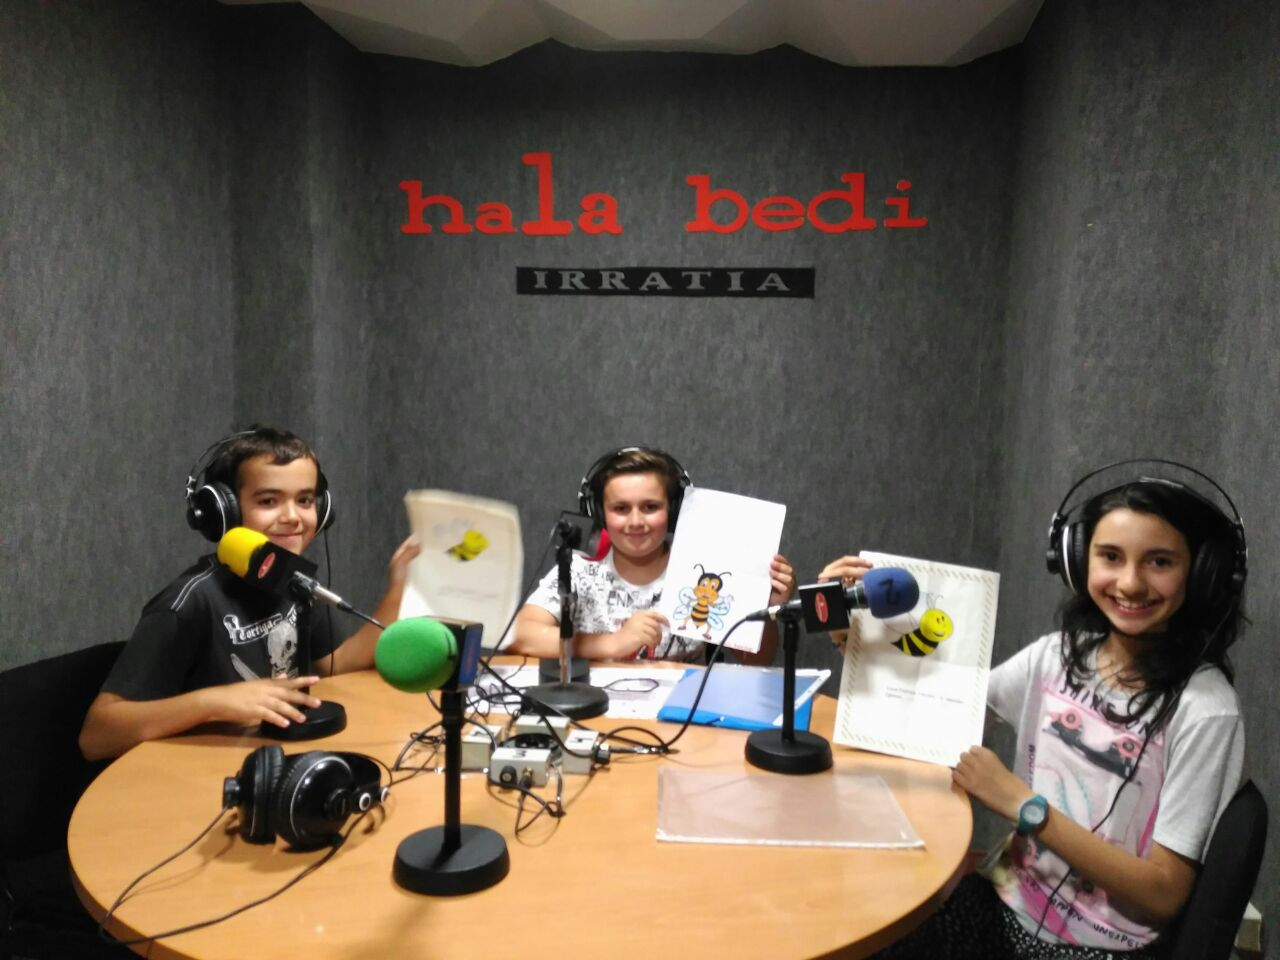 Alai Bedi: Lucia, Arnaitz eta Ander